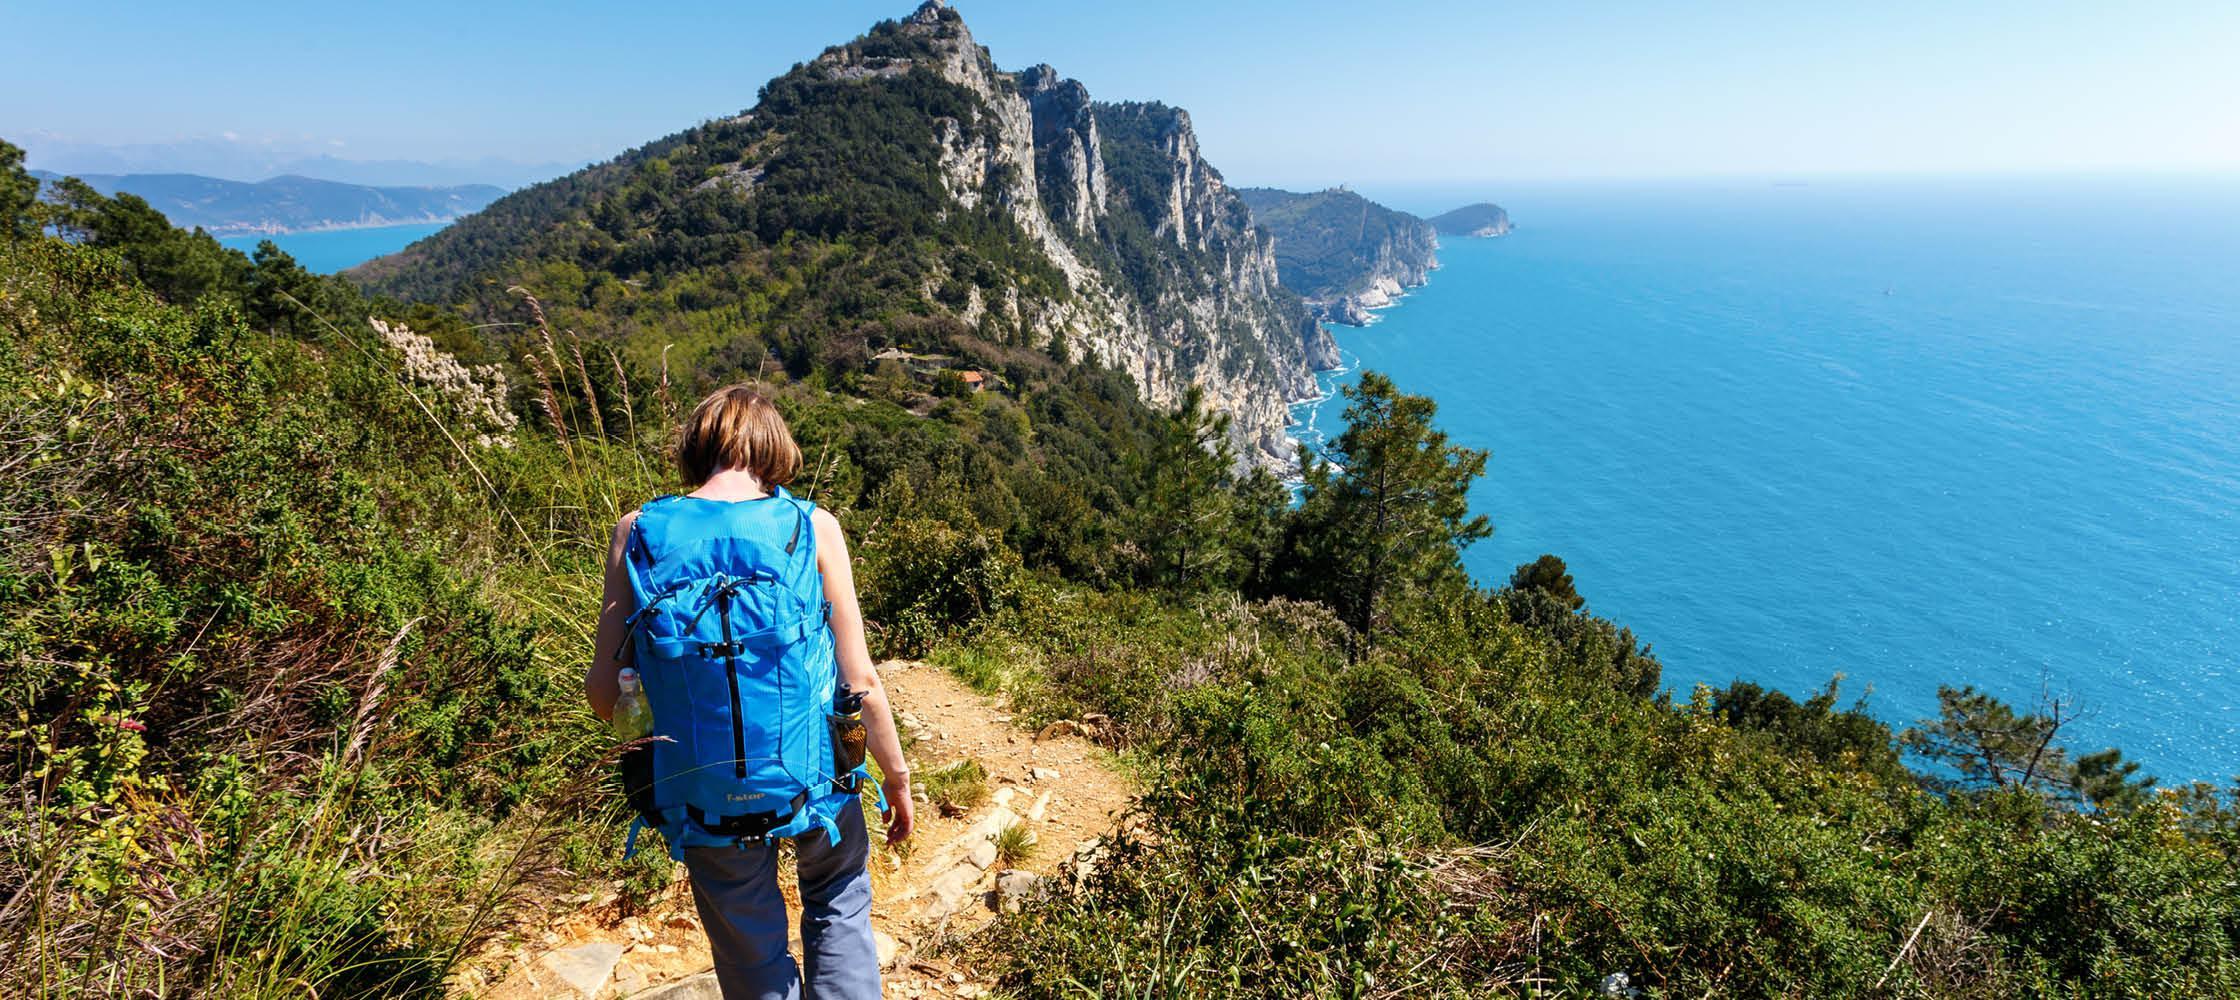 Tag på rejseferie med Kulturrejser Europa